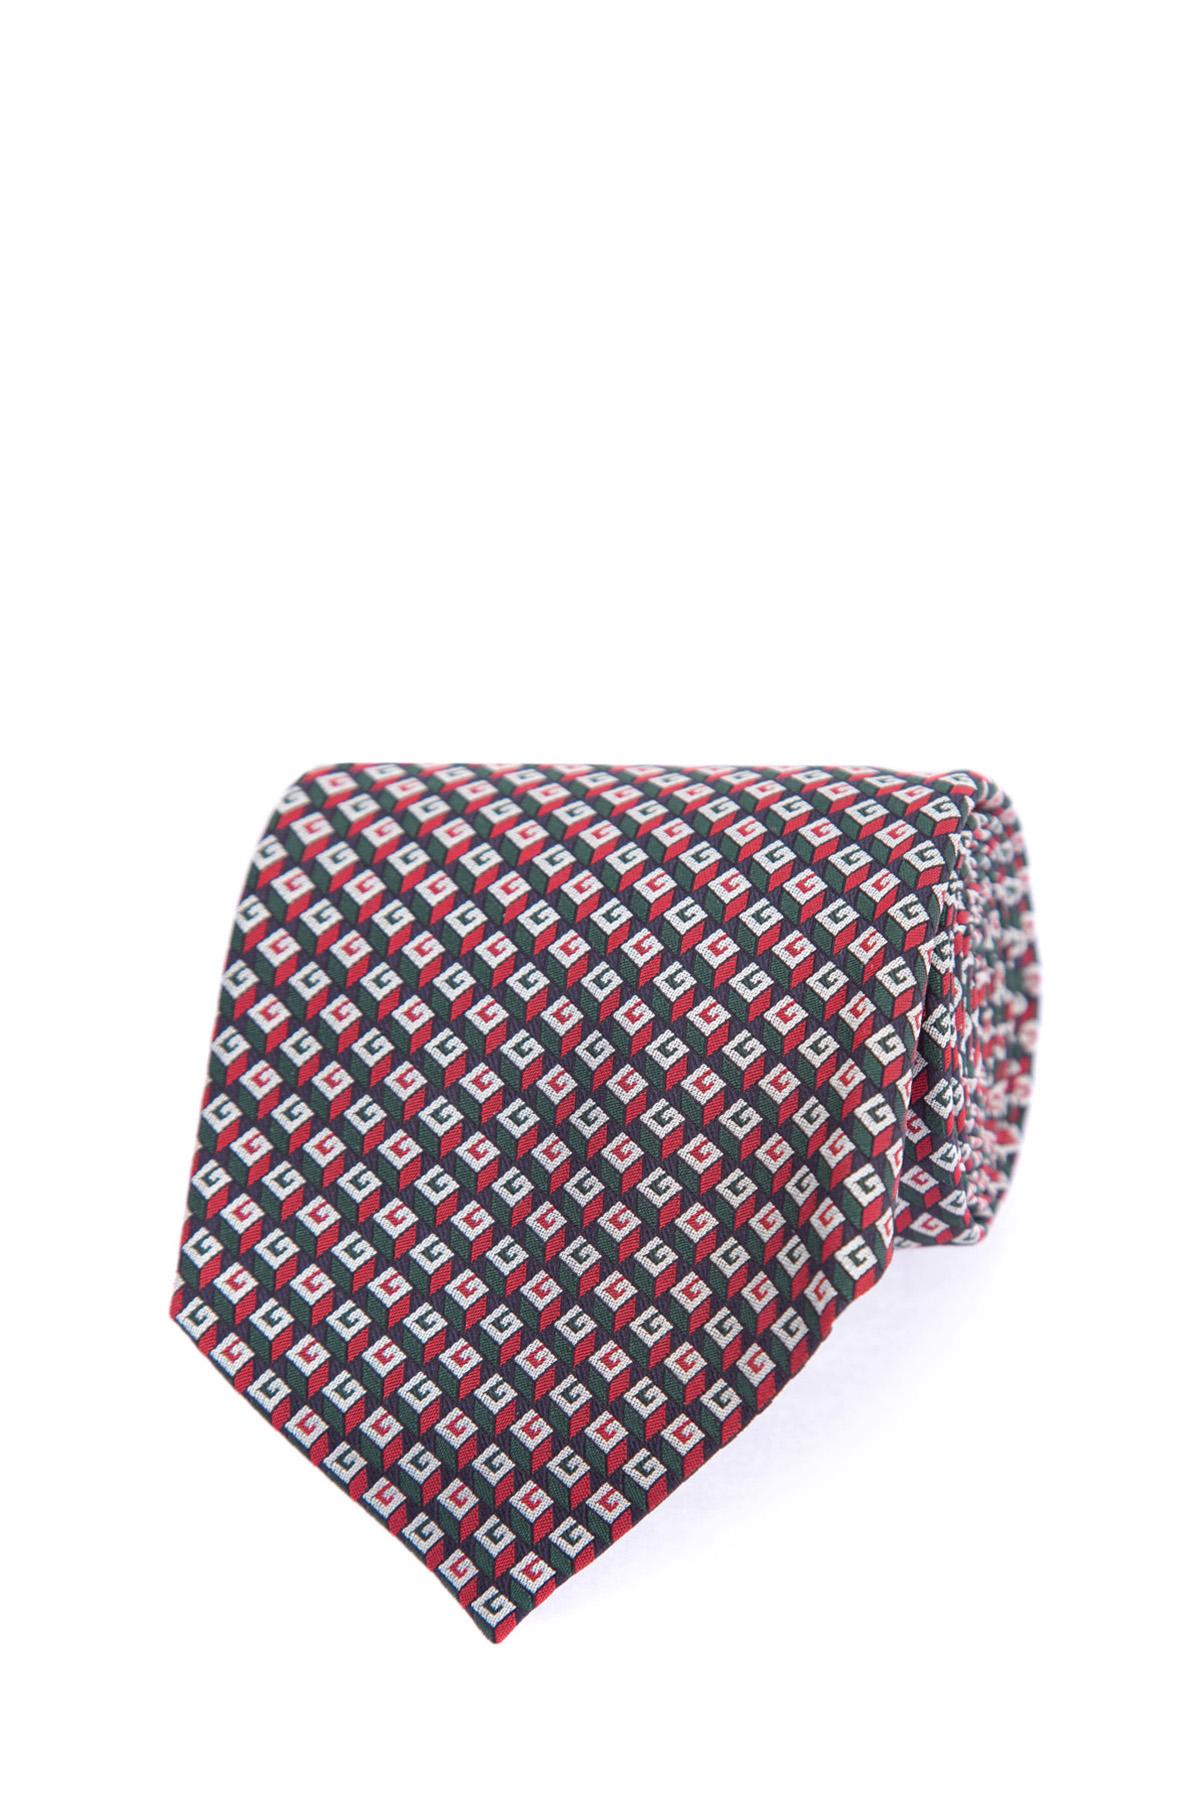 Купить Шелковый галстук с повторяющимся геометрическим 3D узором, вдохновленным красочными принтами 70-х годов, GUCCI, Италия, шелк 100%